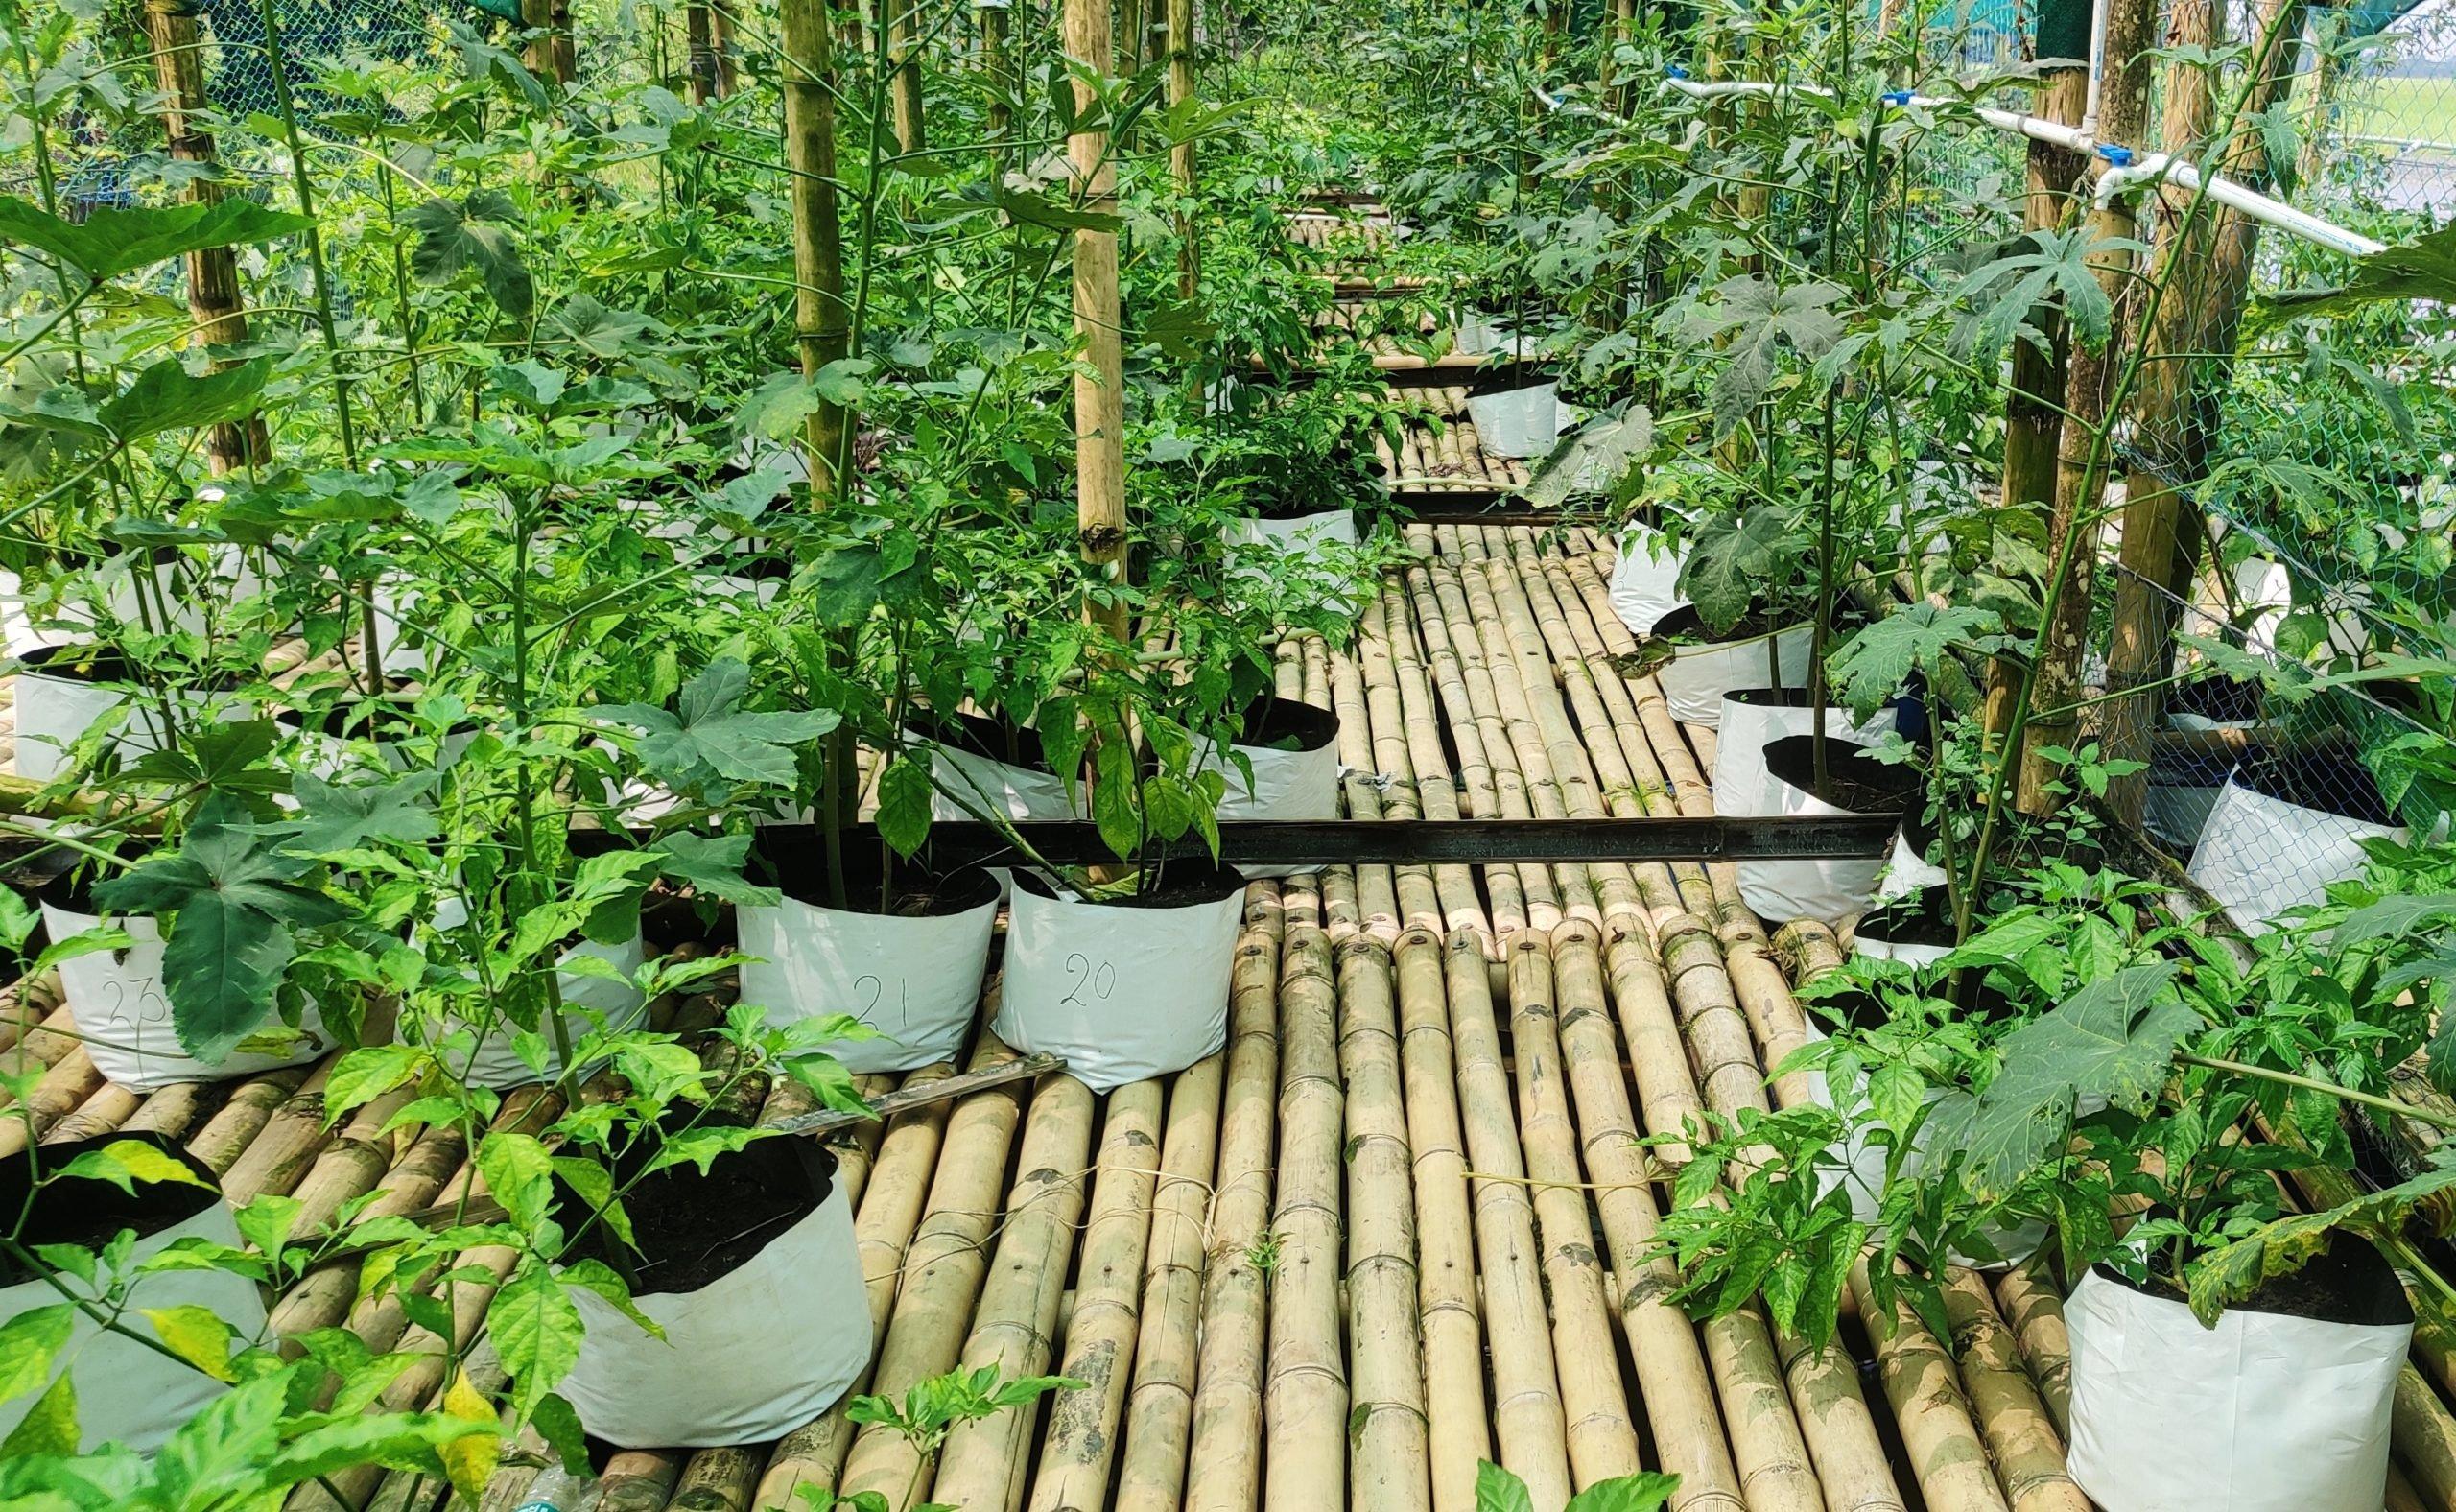 Grow bags on a floating bed, Majuli, Assam, India, Gurvinder Singh